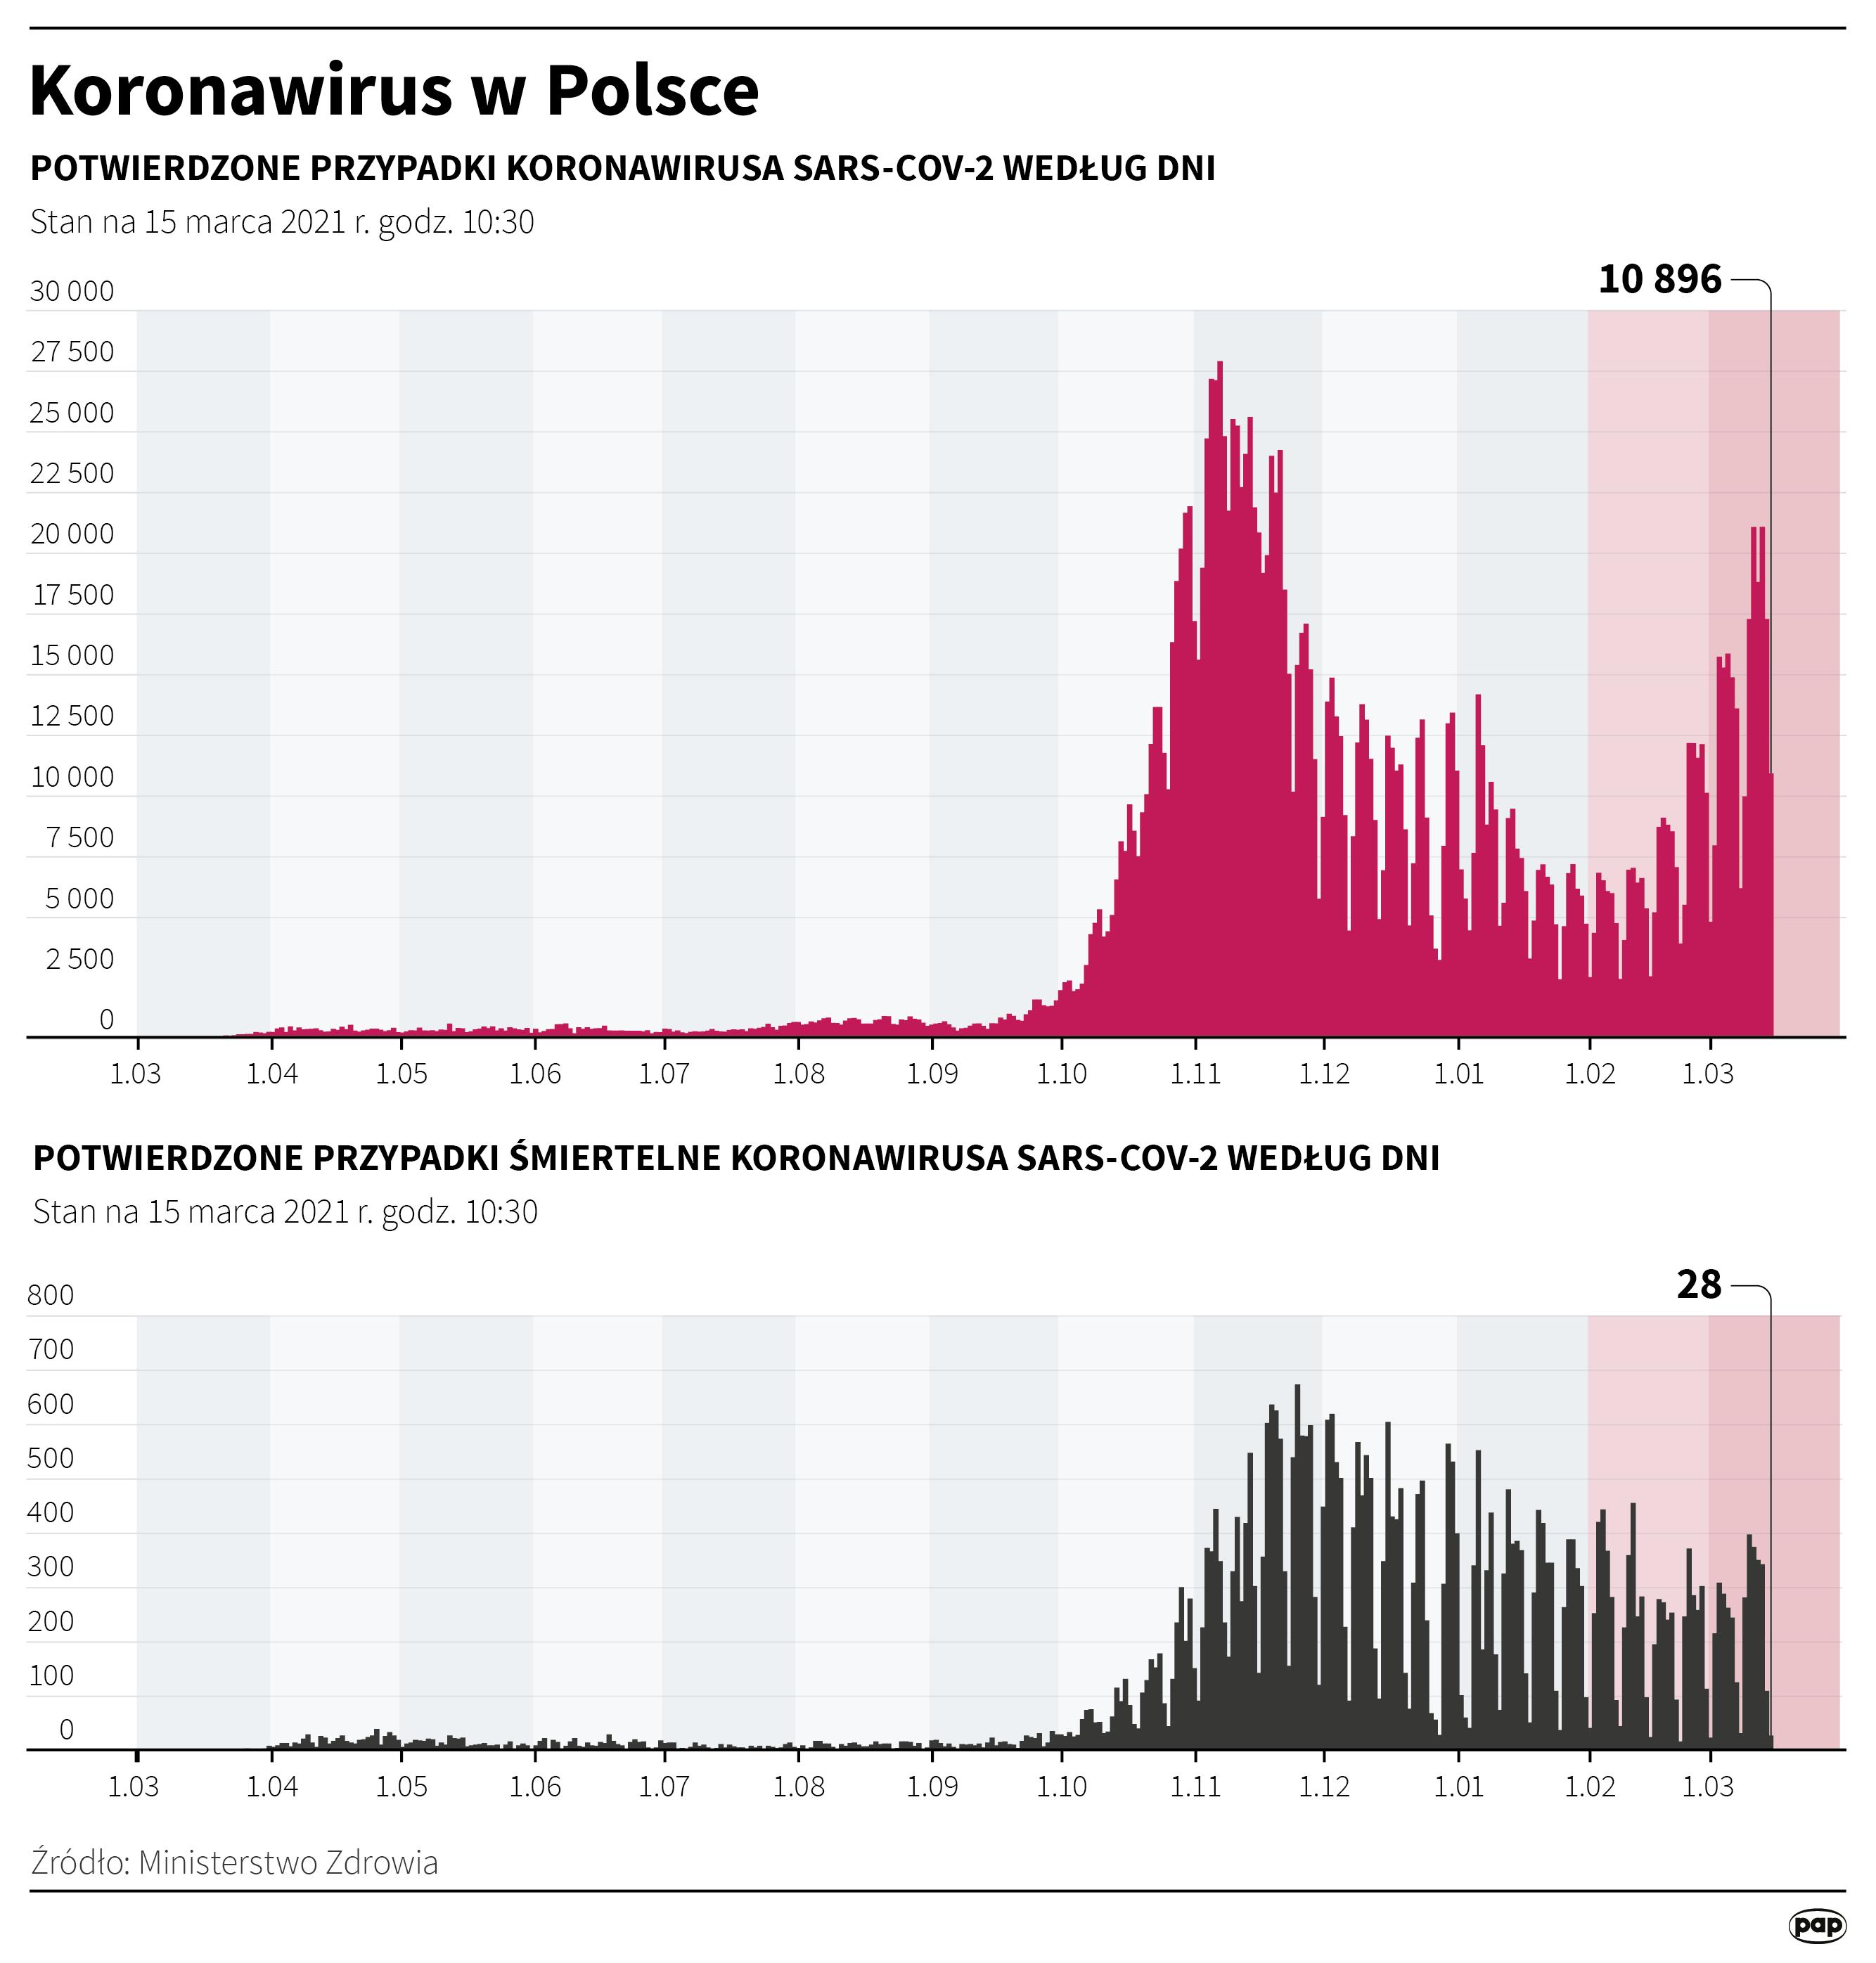 'Koronawirus w Polsce - stan na 15 marca' [autor: Maciej Zieliński, źródło: PAP]